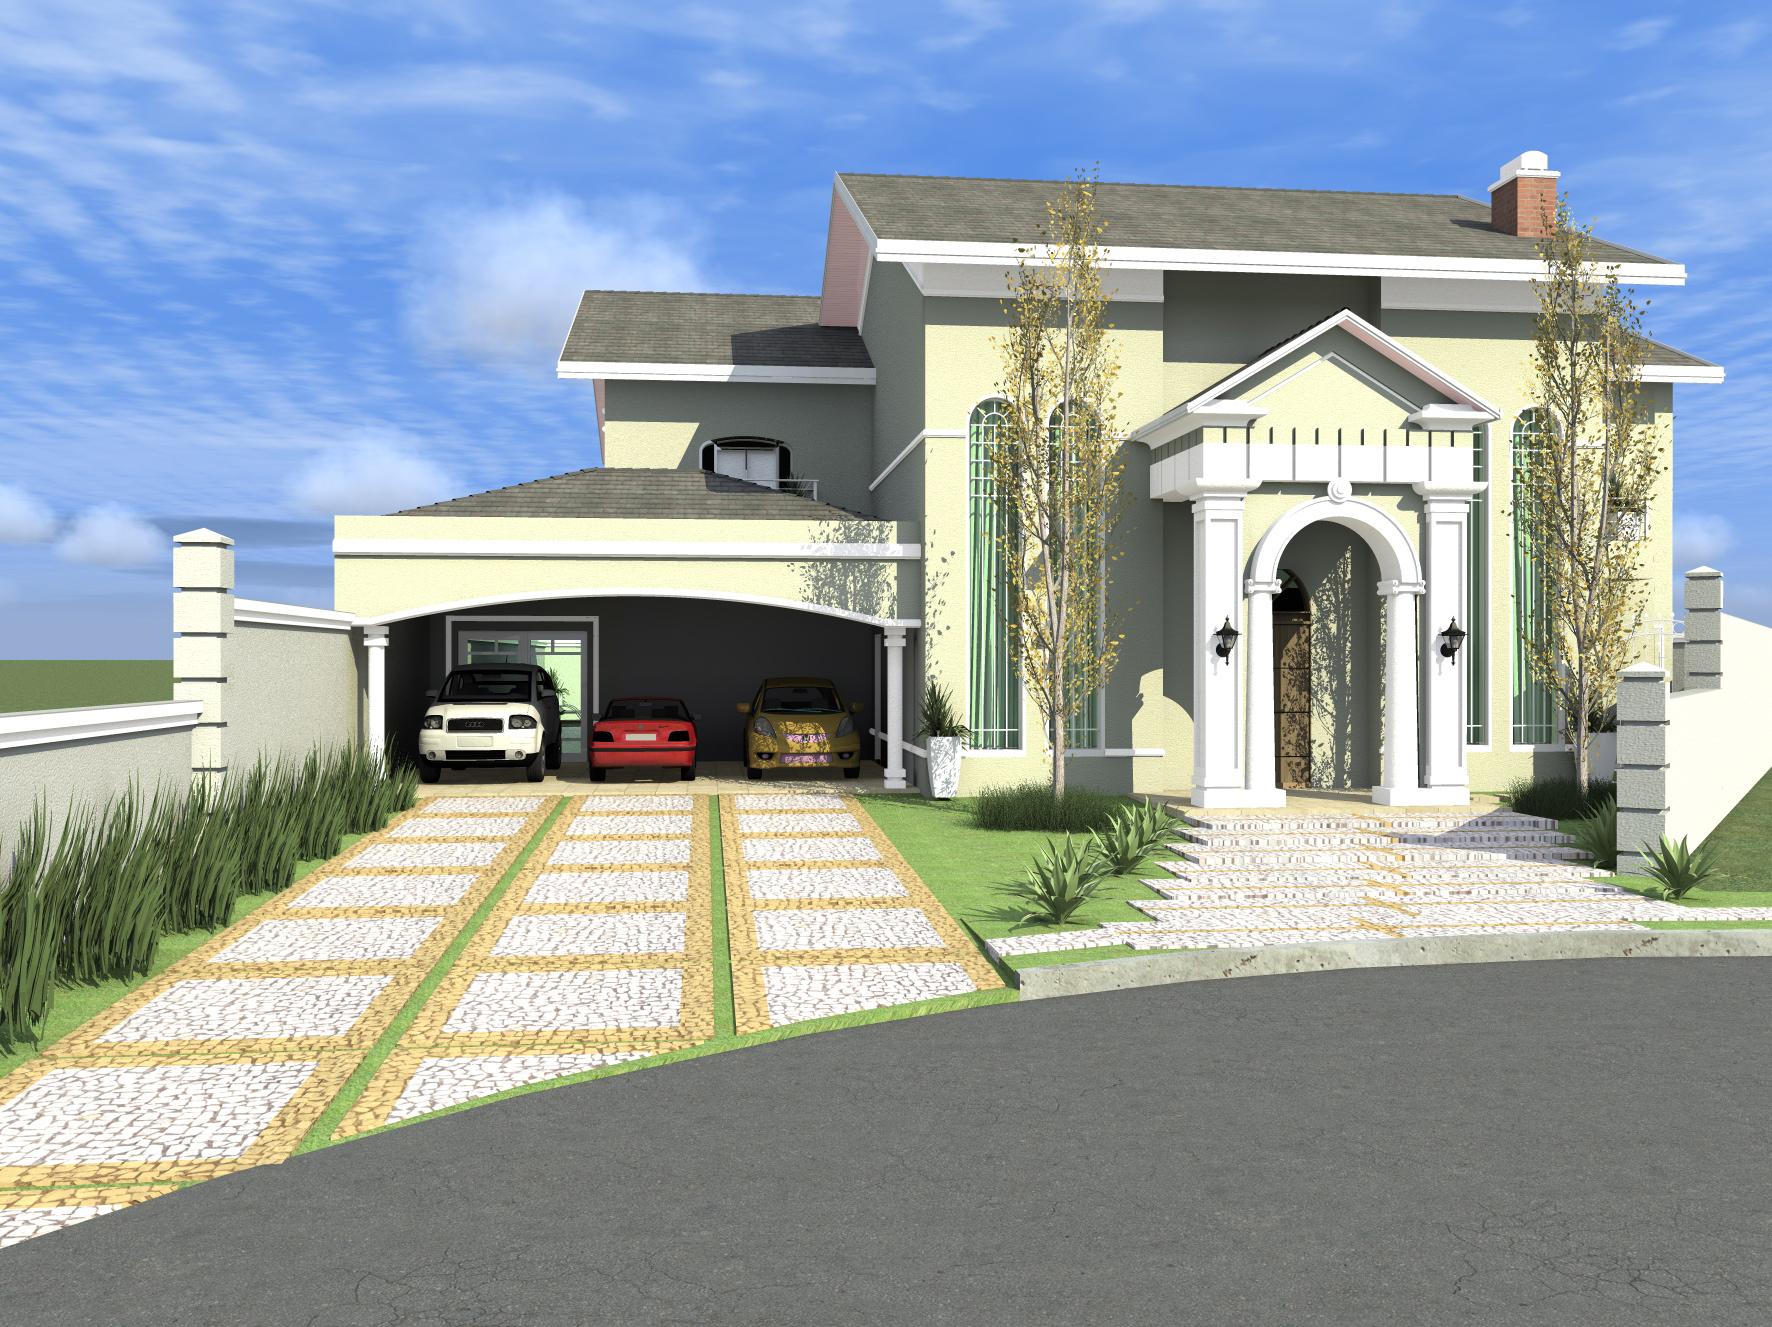 Casa americana no brasil em campinas for Casa moderna classica